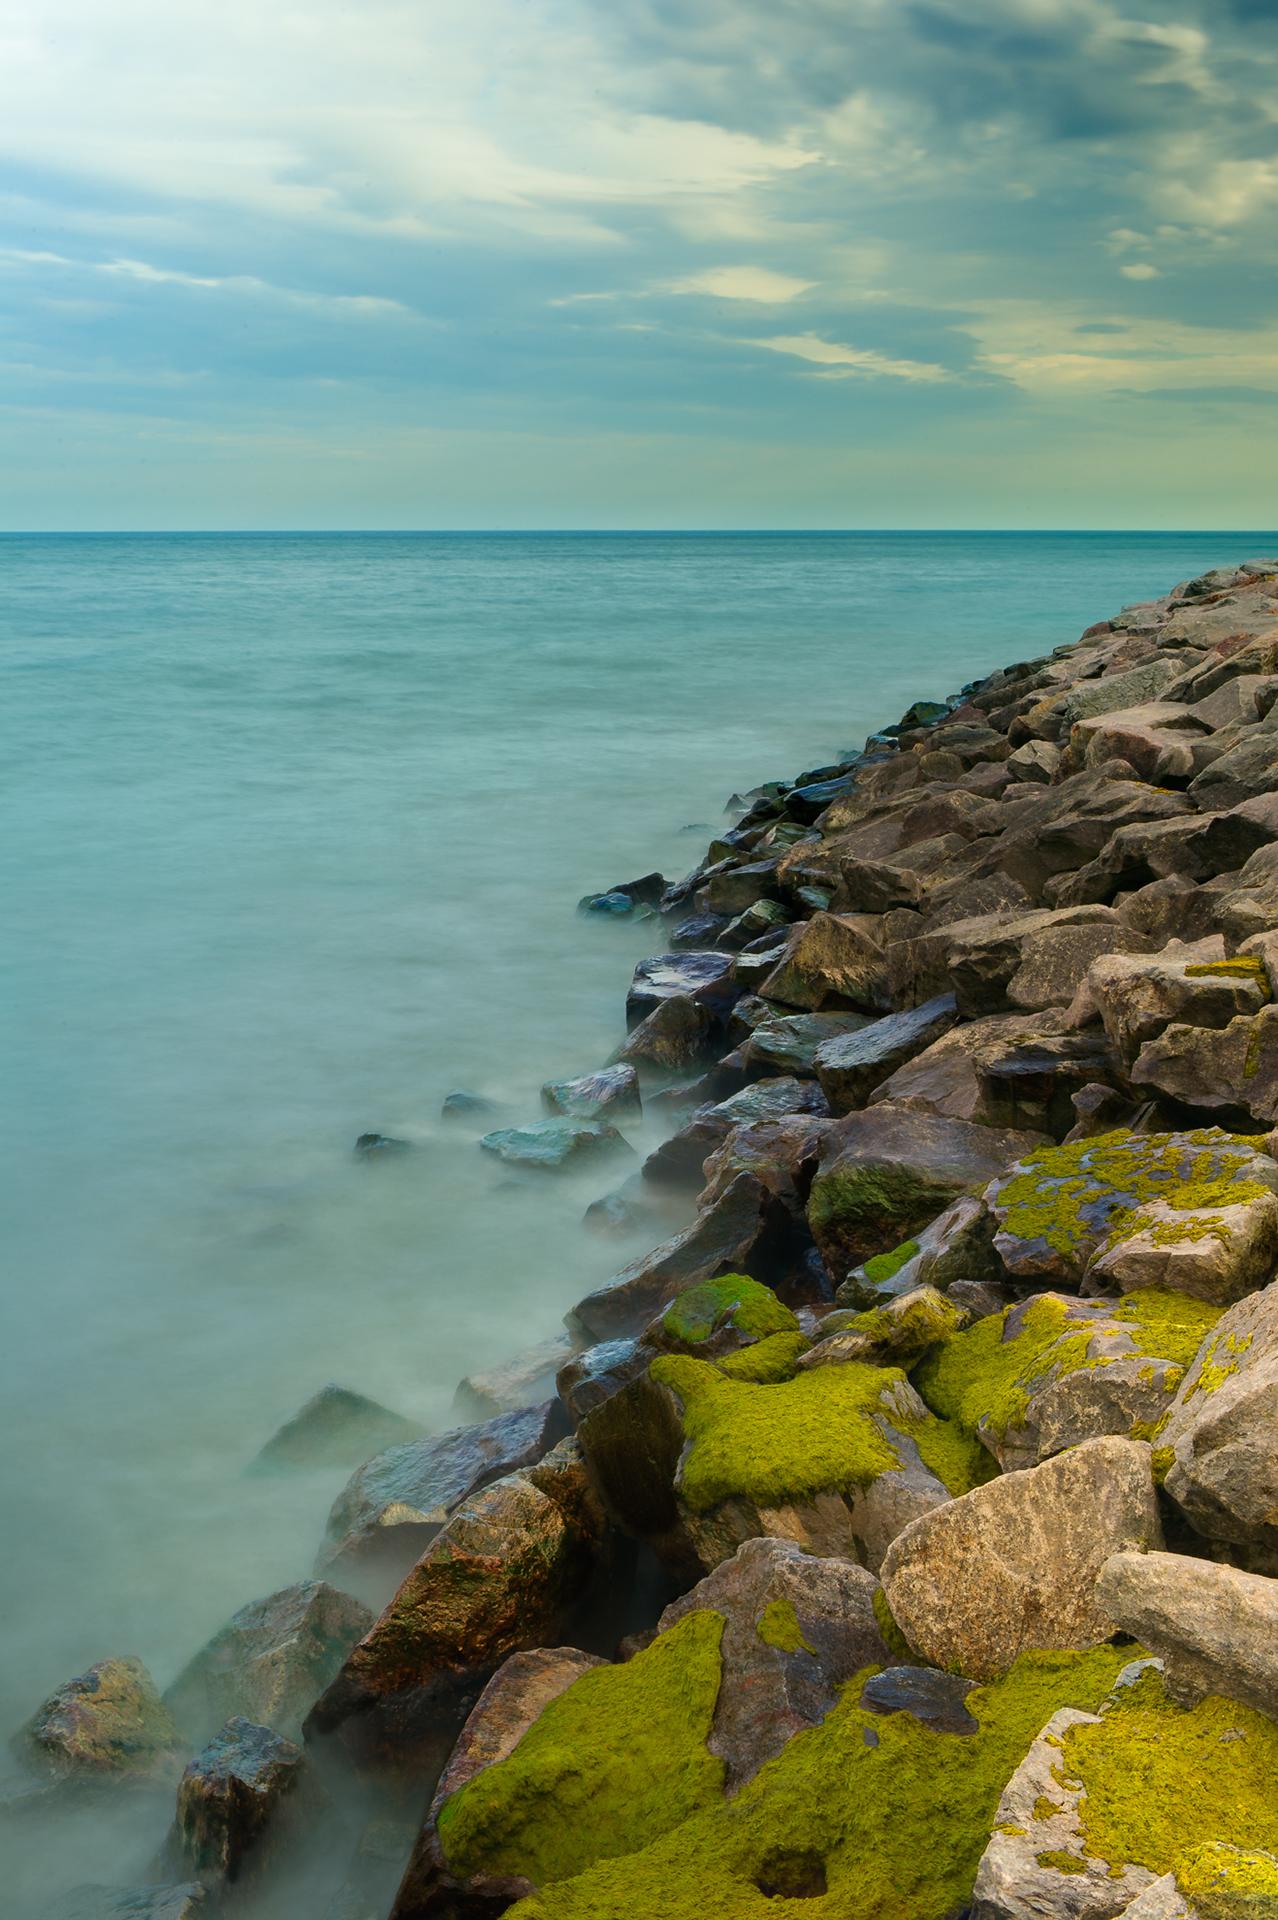 Lake Michigan - Open The Light